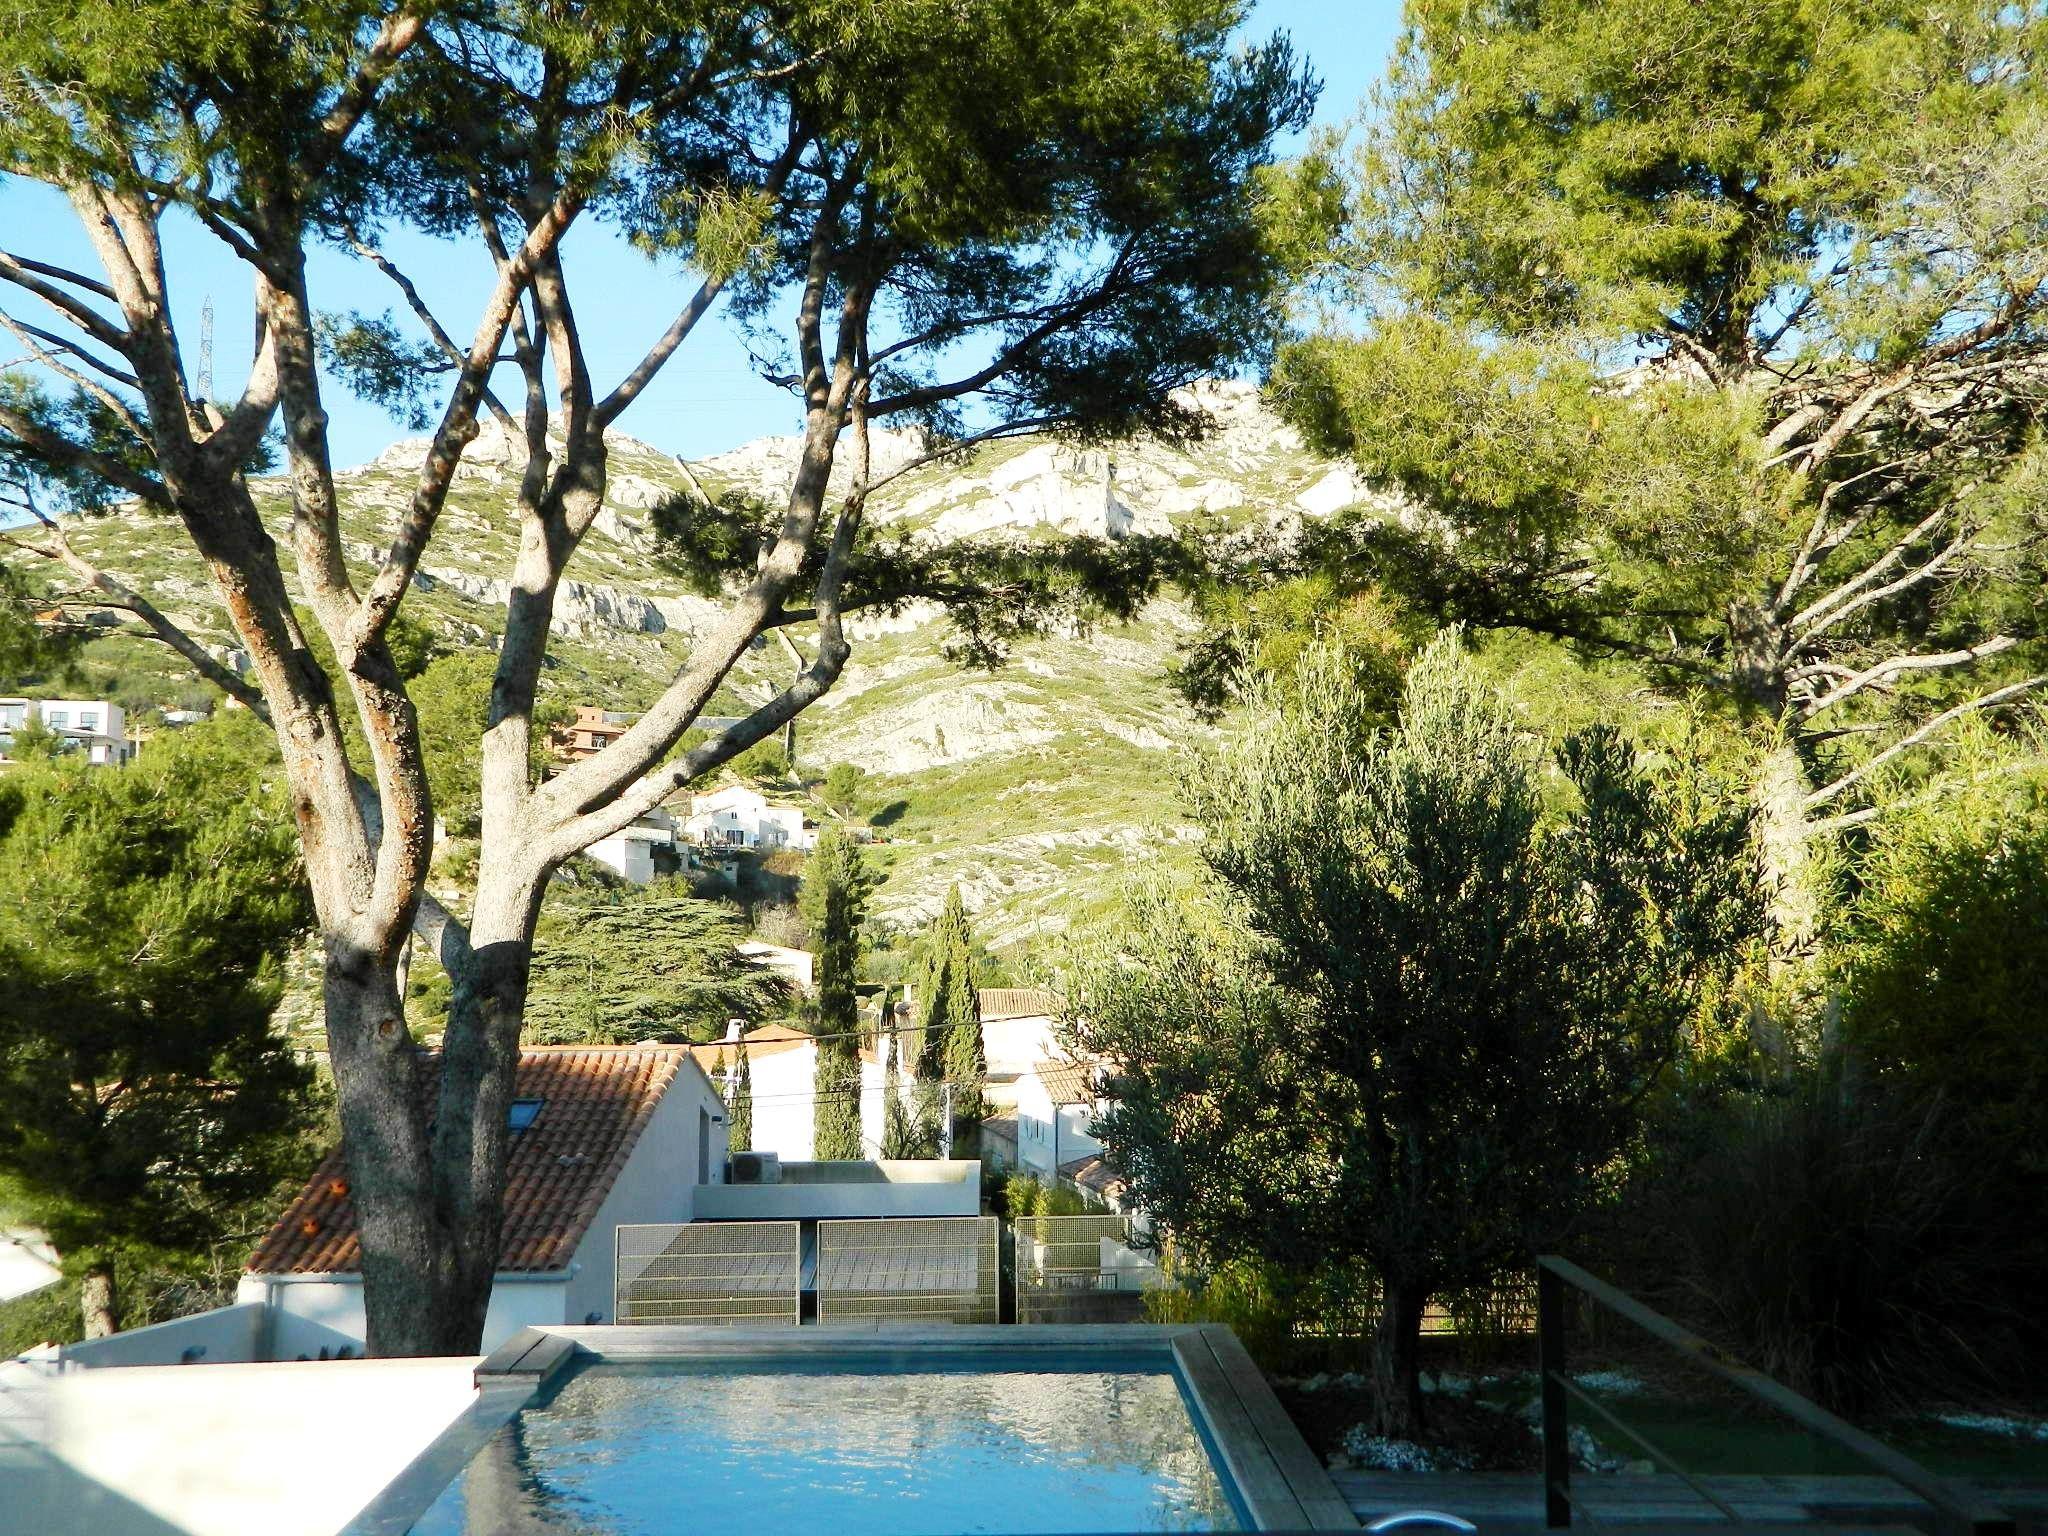 Maison unifamiliale pour l Vente à MARSEILLE - LA PANOUSE - EXCLUSIVITE Marseille, Provence-Alpes-Cote D'Azur, 13009 France